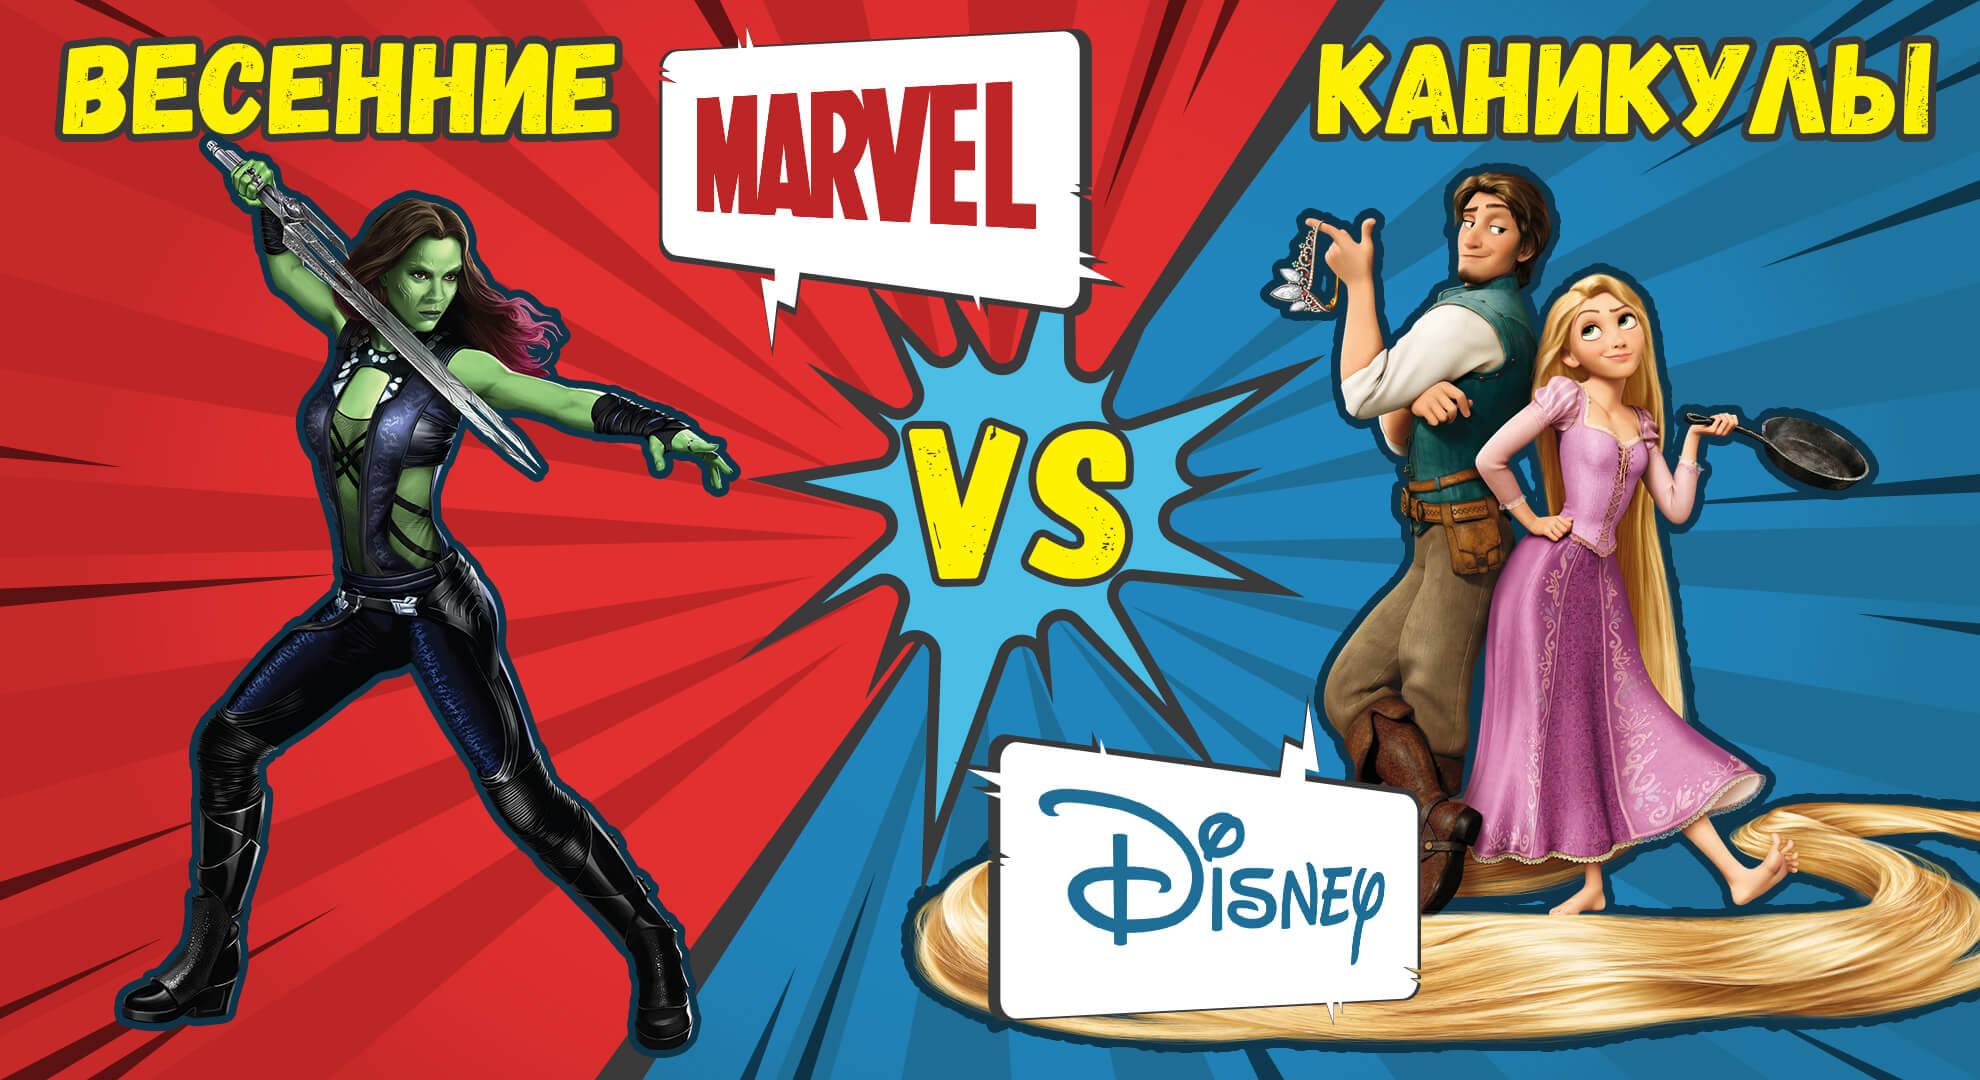 Весенние каникулы Disney vs. Marvel